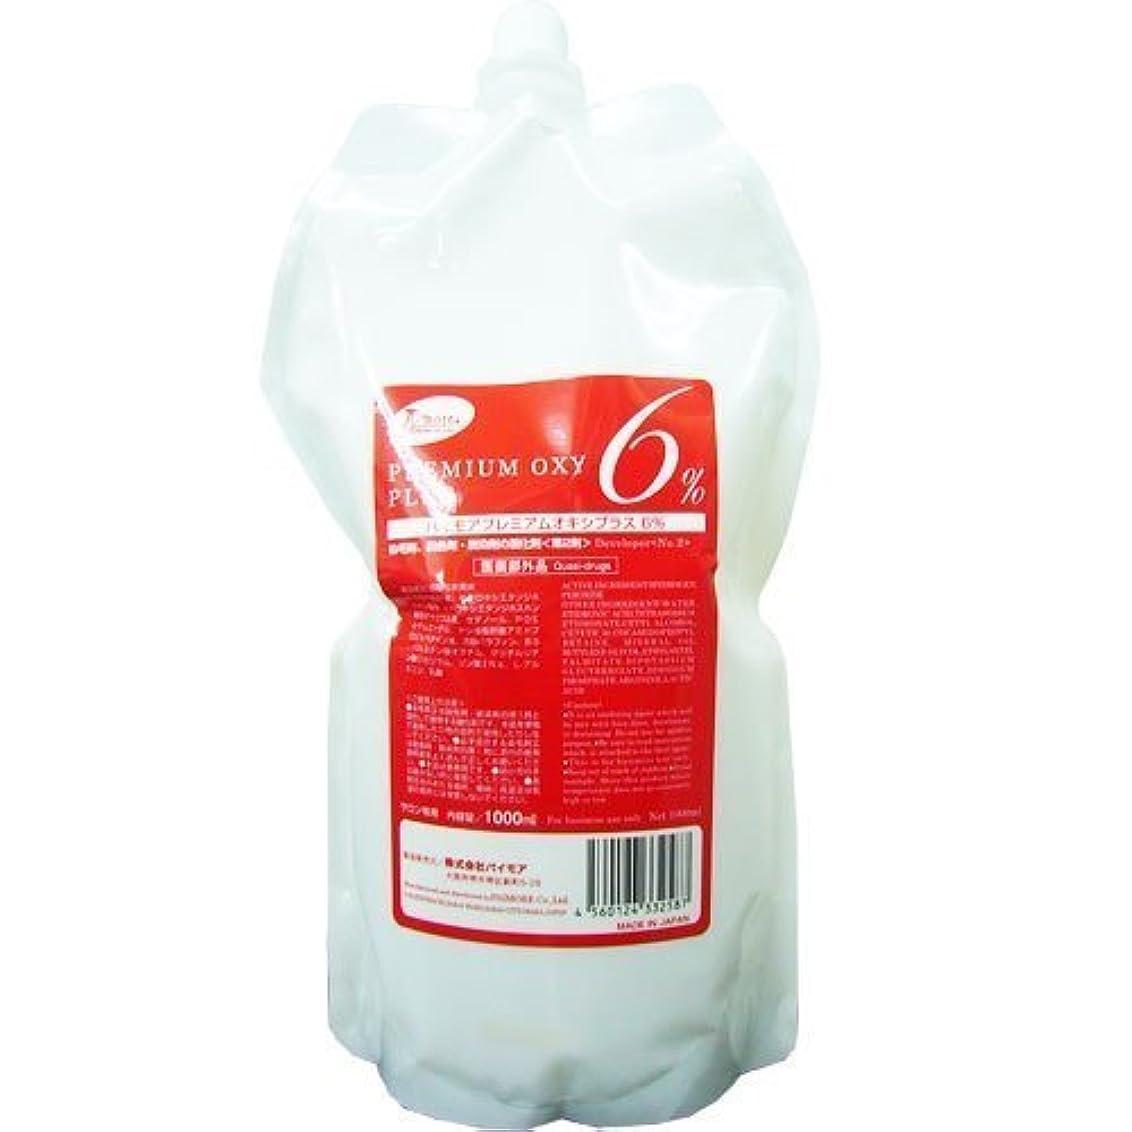 ブラジャーブレークマークされたパイモア プレミアムオキシプラス 6%(パウチタイプ) 1000ml [医薬部外品]